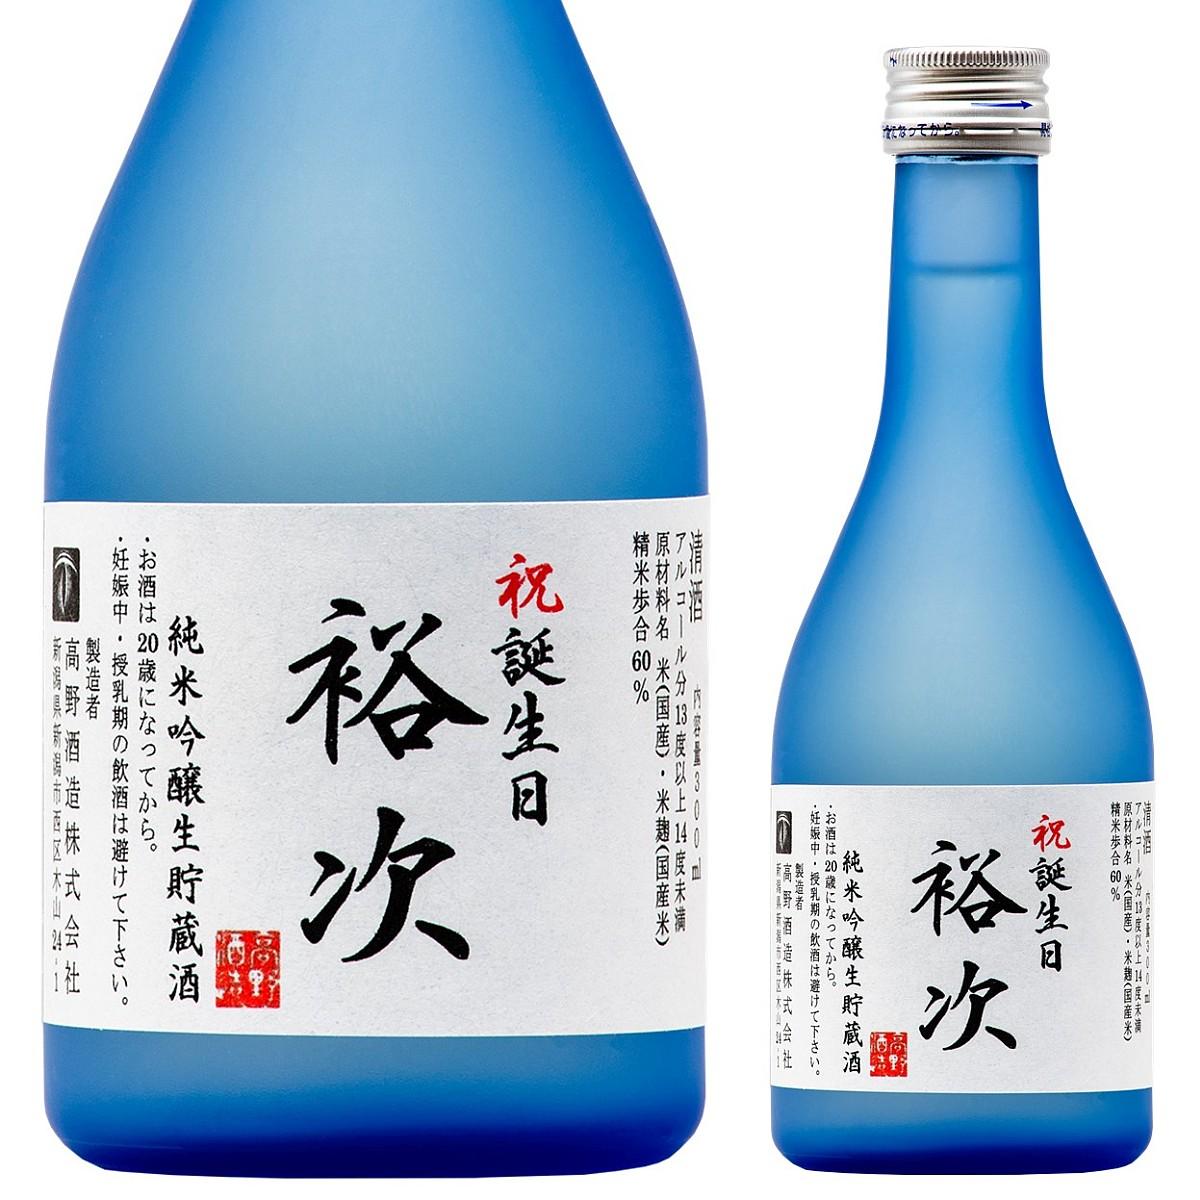 名入れ オリジナルラベル 日本酒 純米吟醸生貯蔵酒 300ml カートン入り 小瓶 新潟 高野酒造